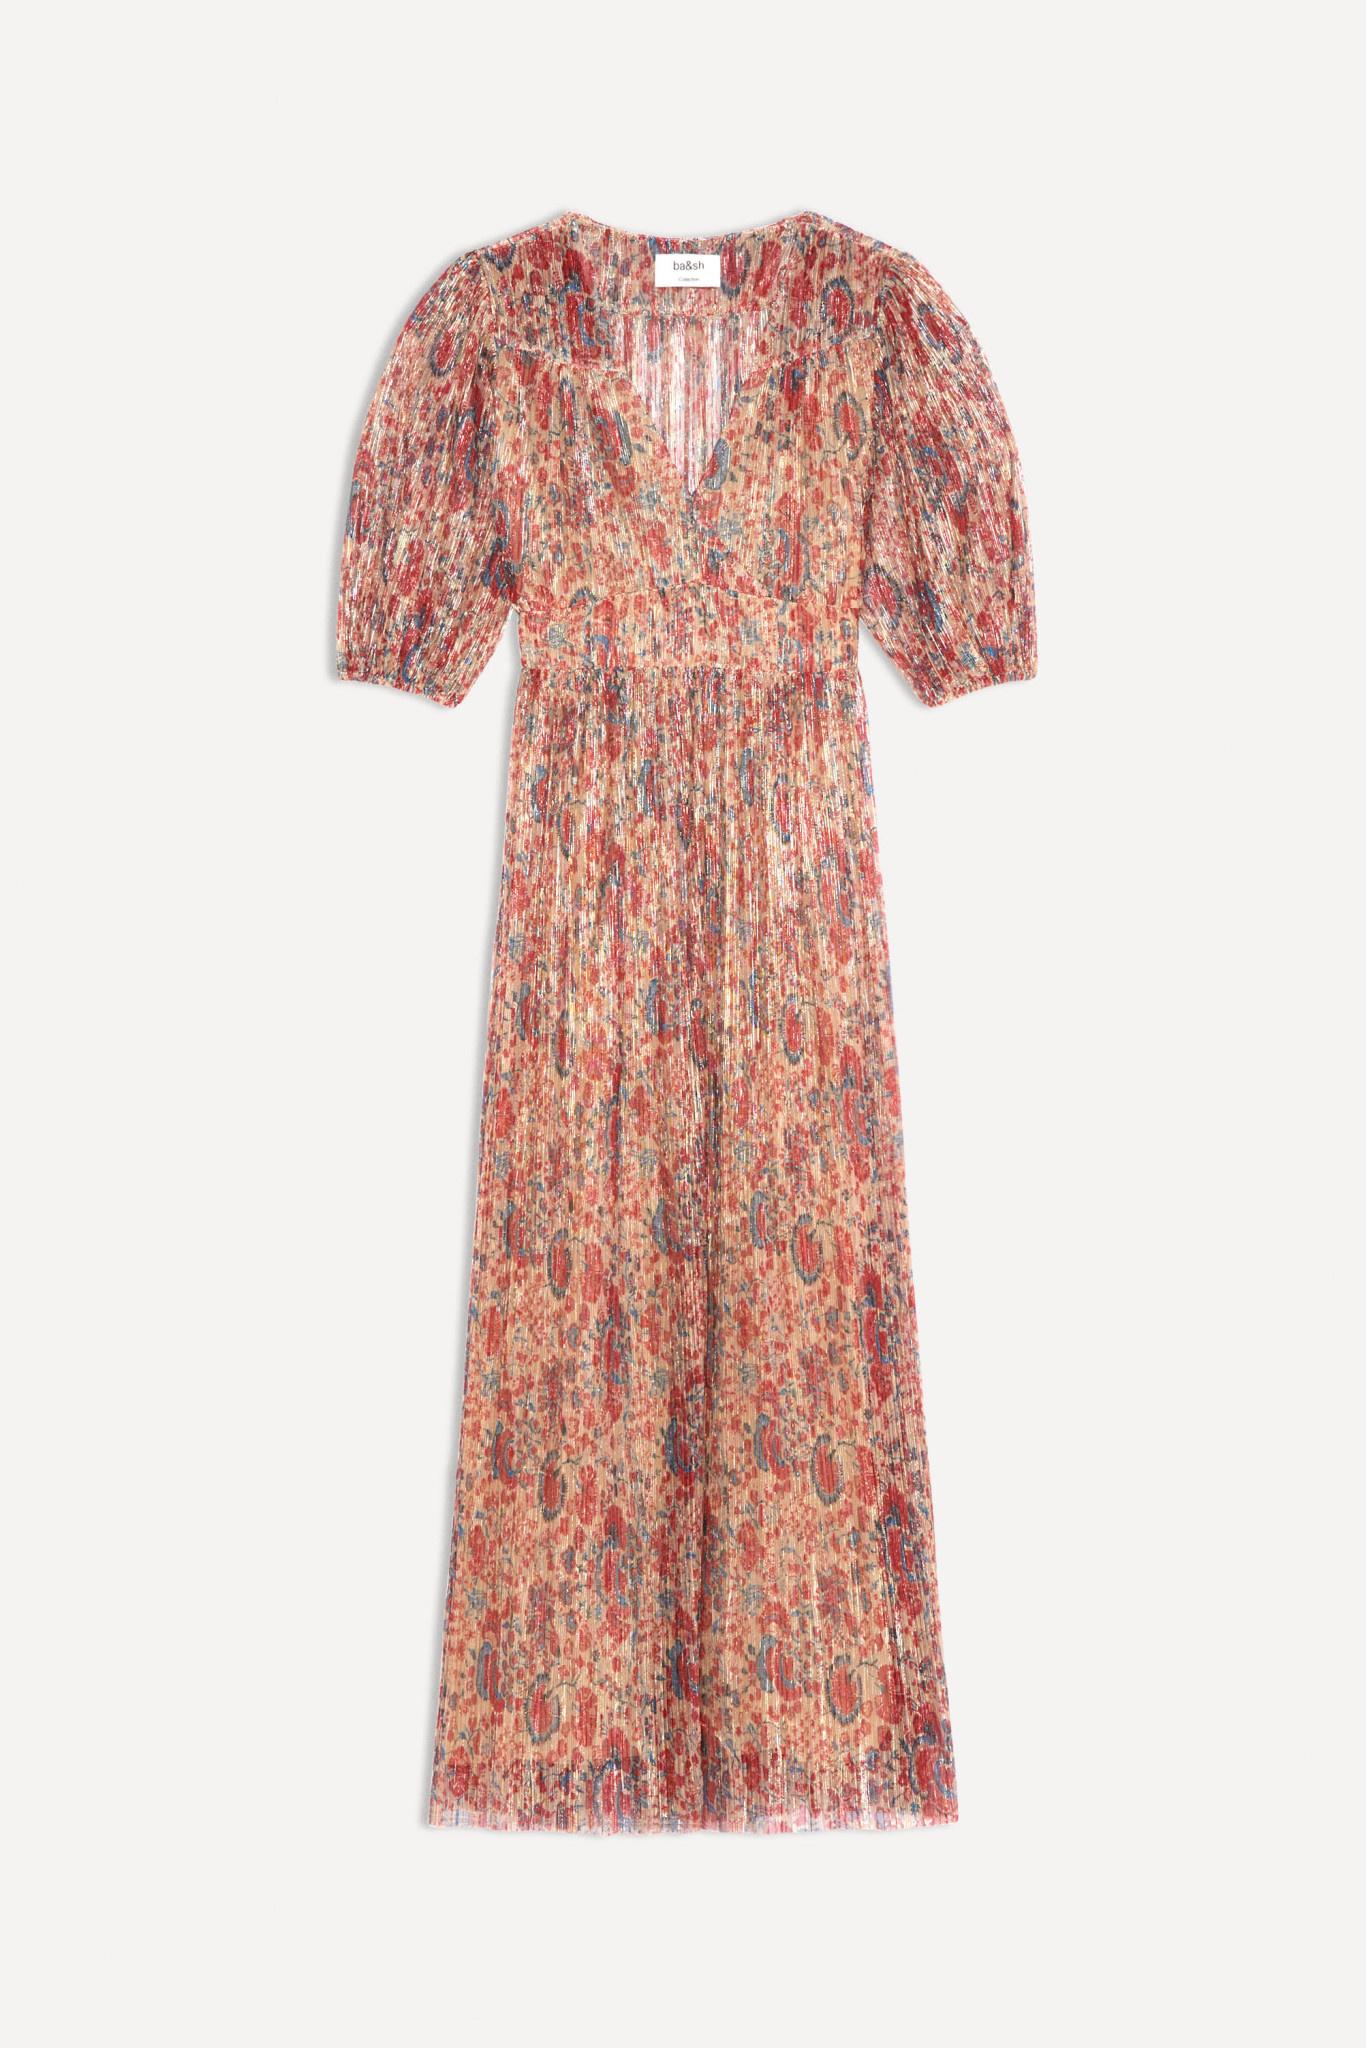 Robe Athena-4